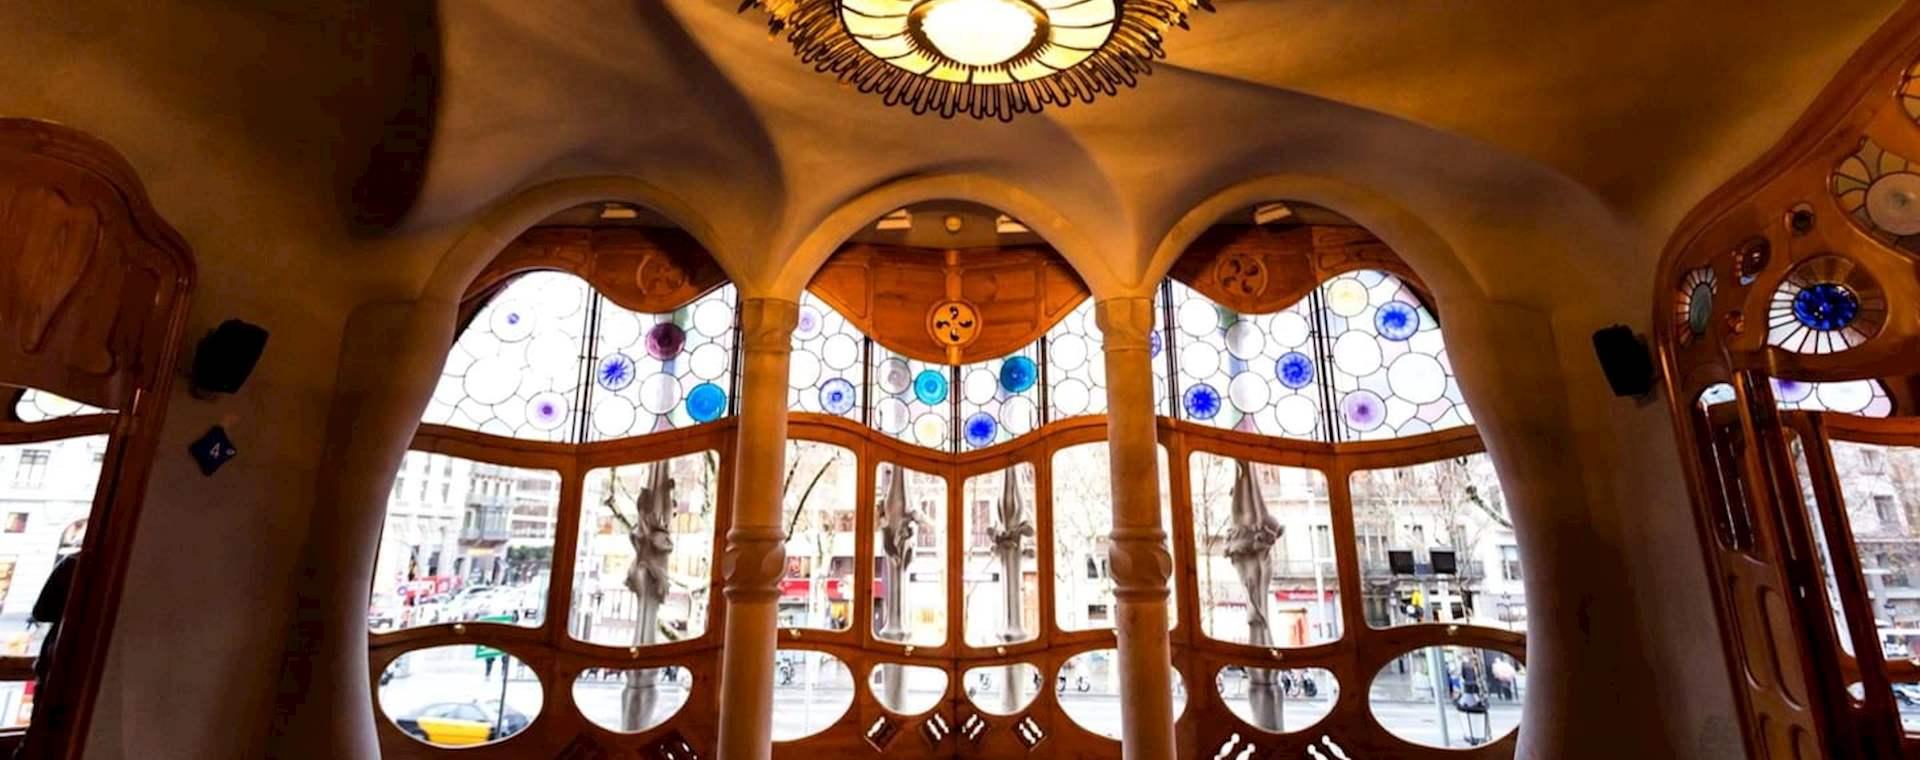 Complete Gaudí Tour with Sagrada Família and Flamenco Show